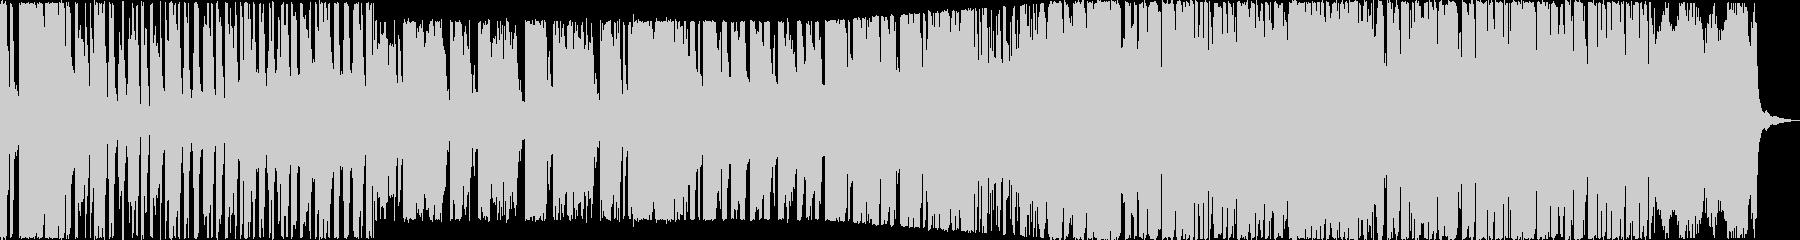 お洒落系ゲームBGMの未再生の波形